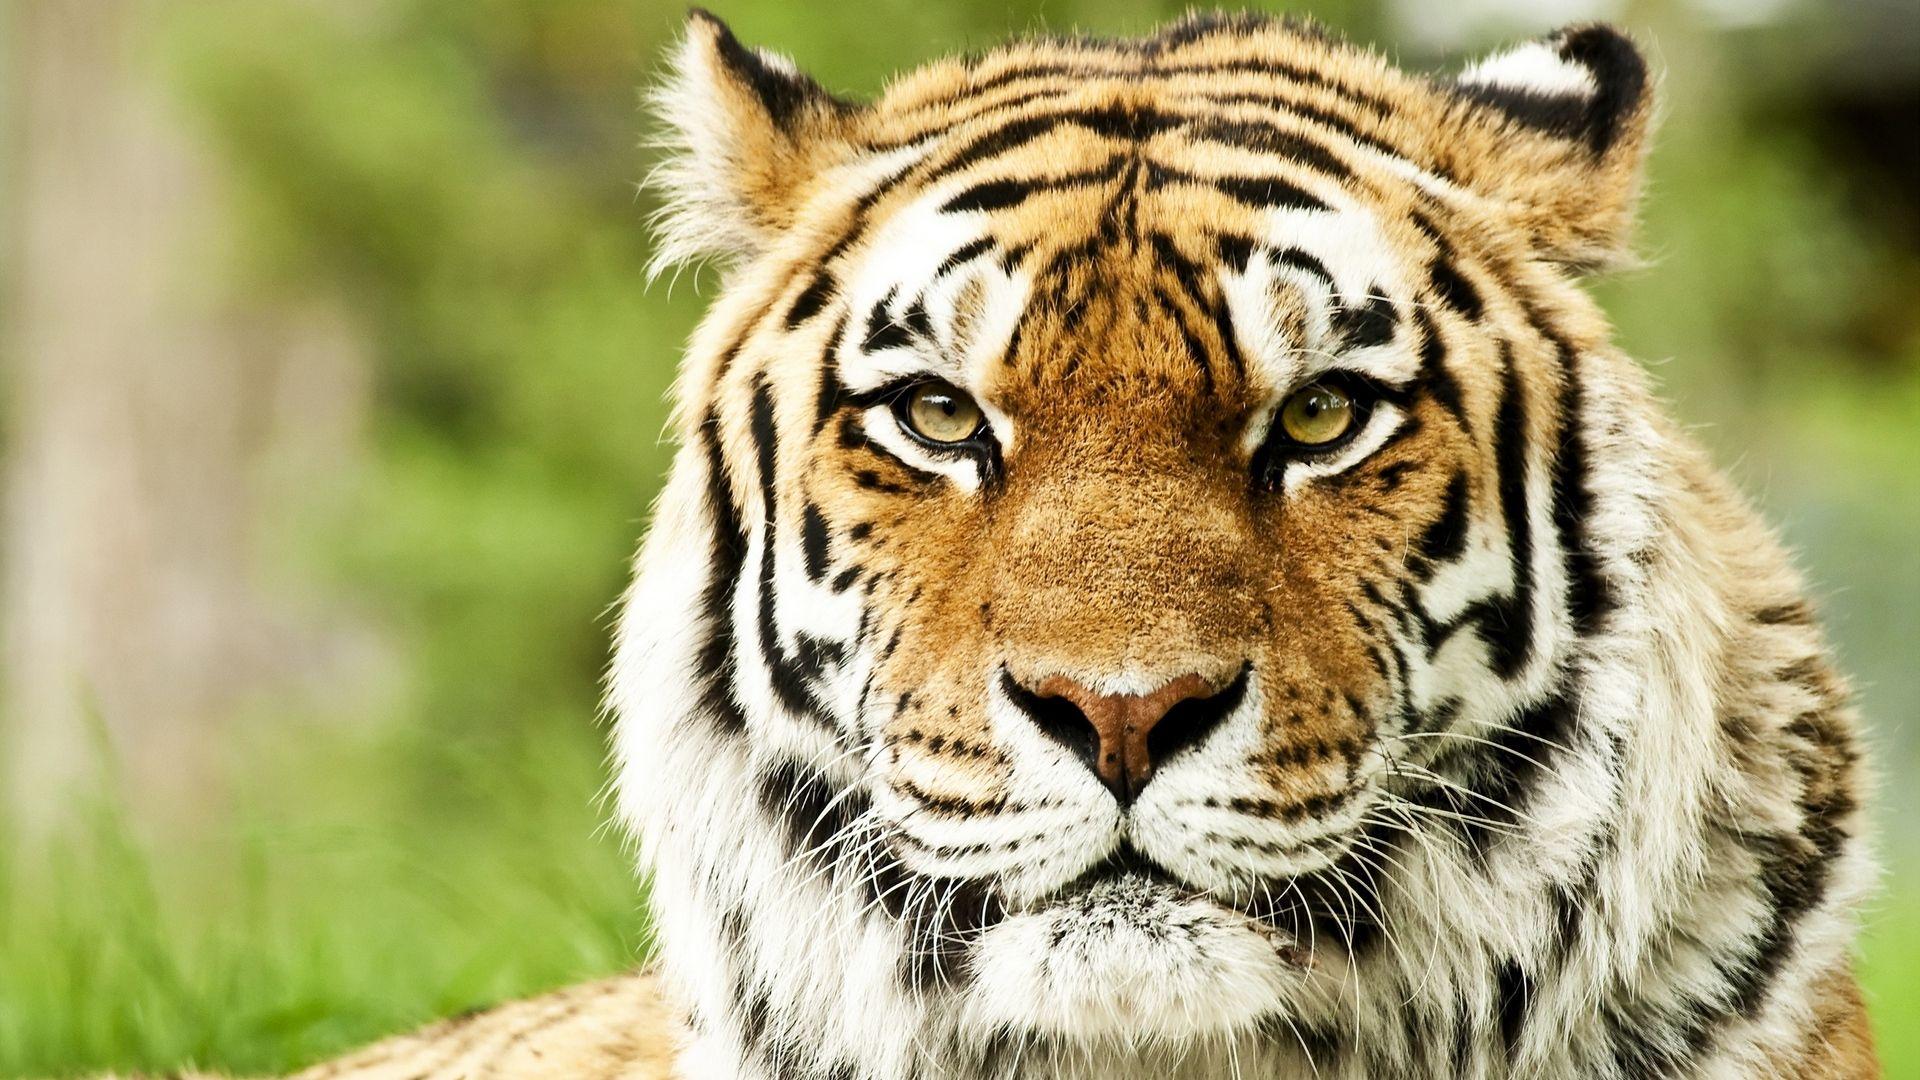 Tiger, Full HD Wallpaper